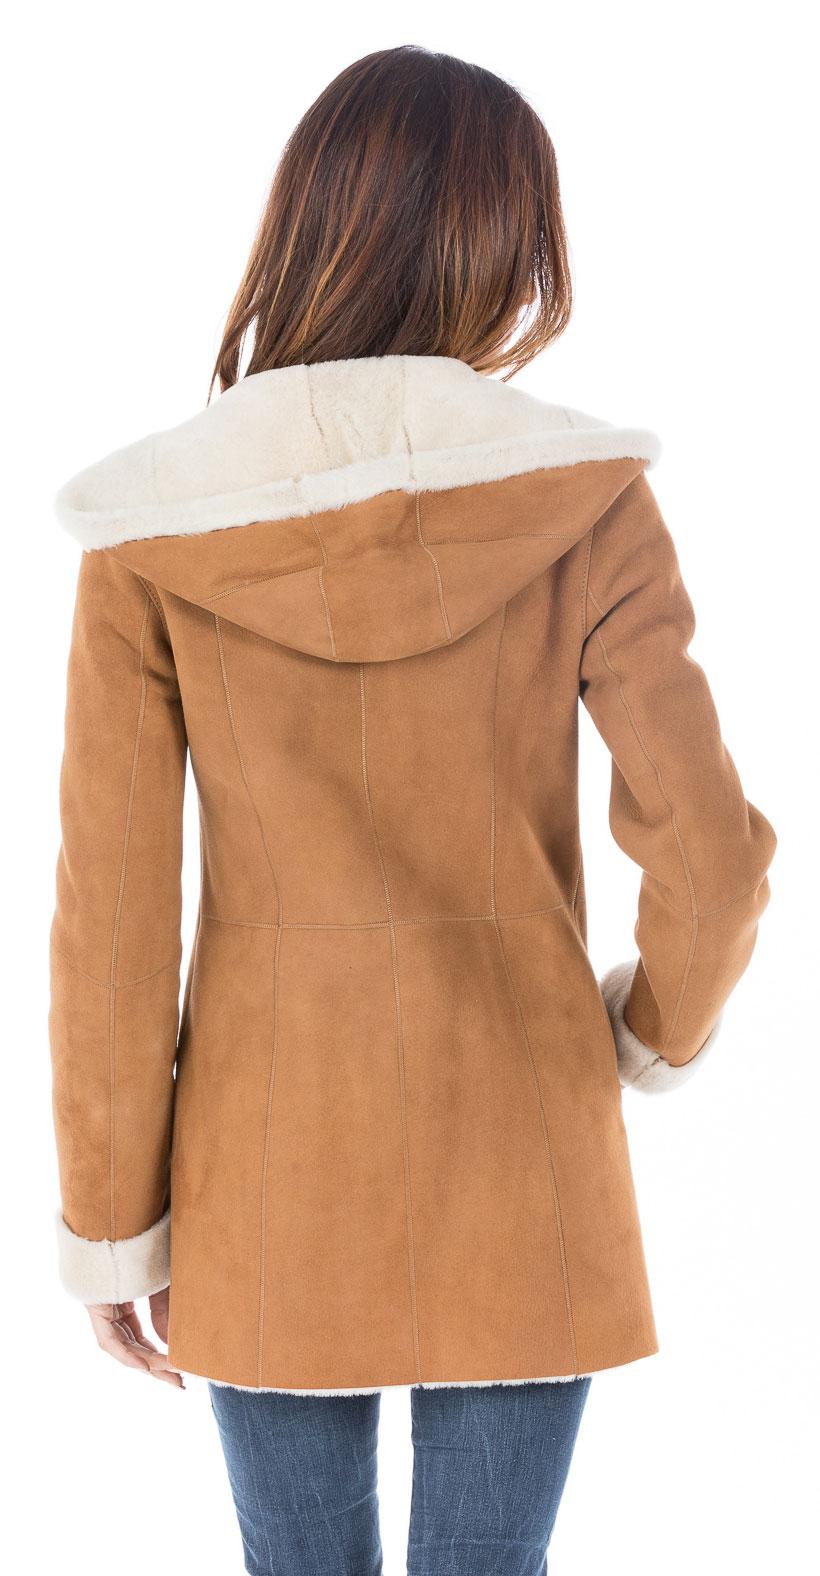 manteau cuir retourné femme capuche